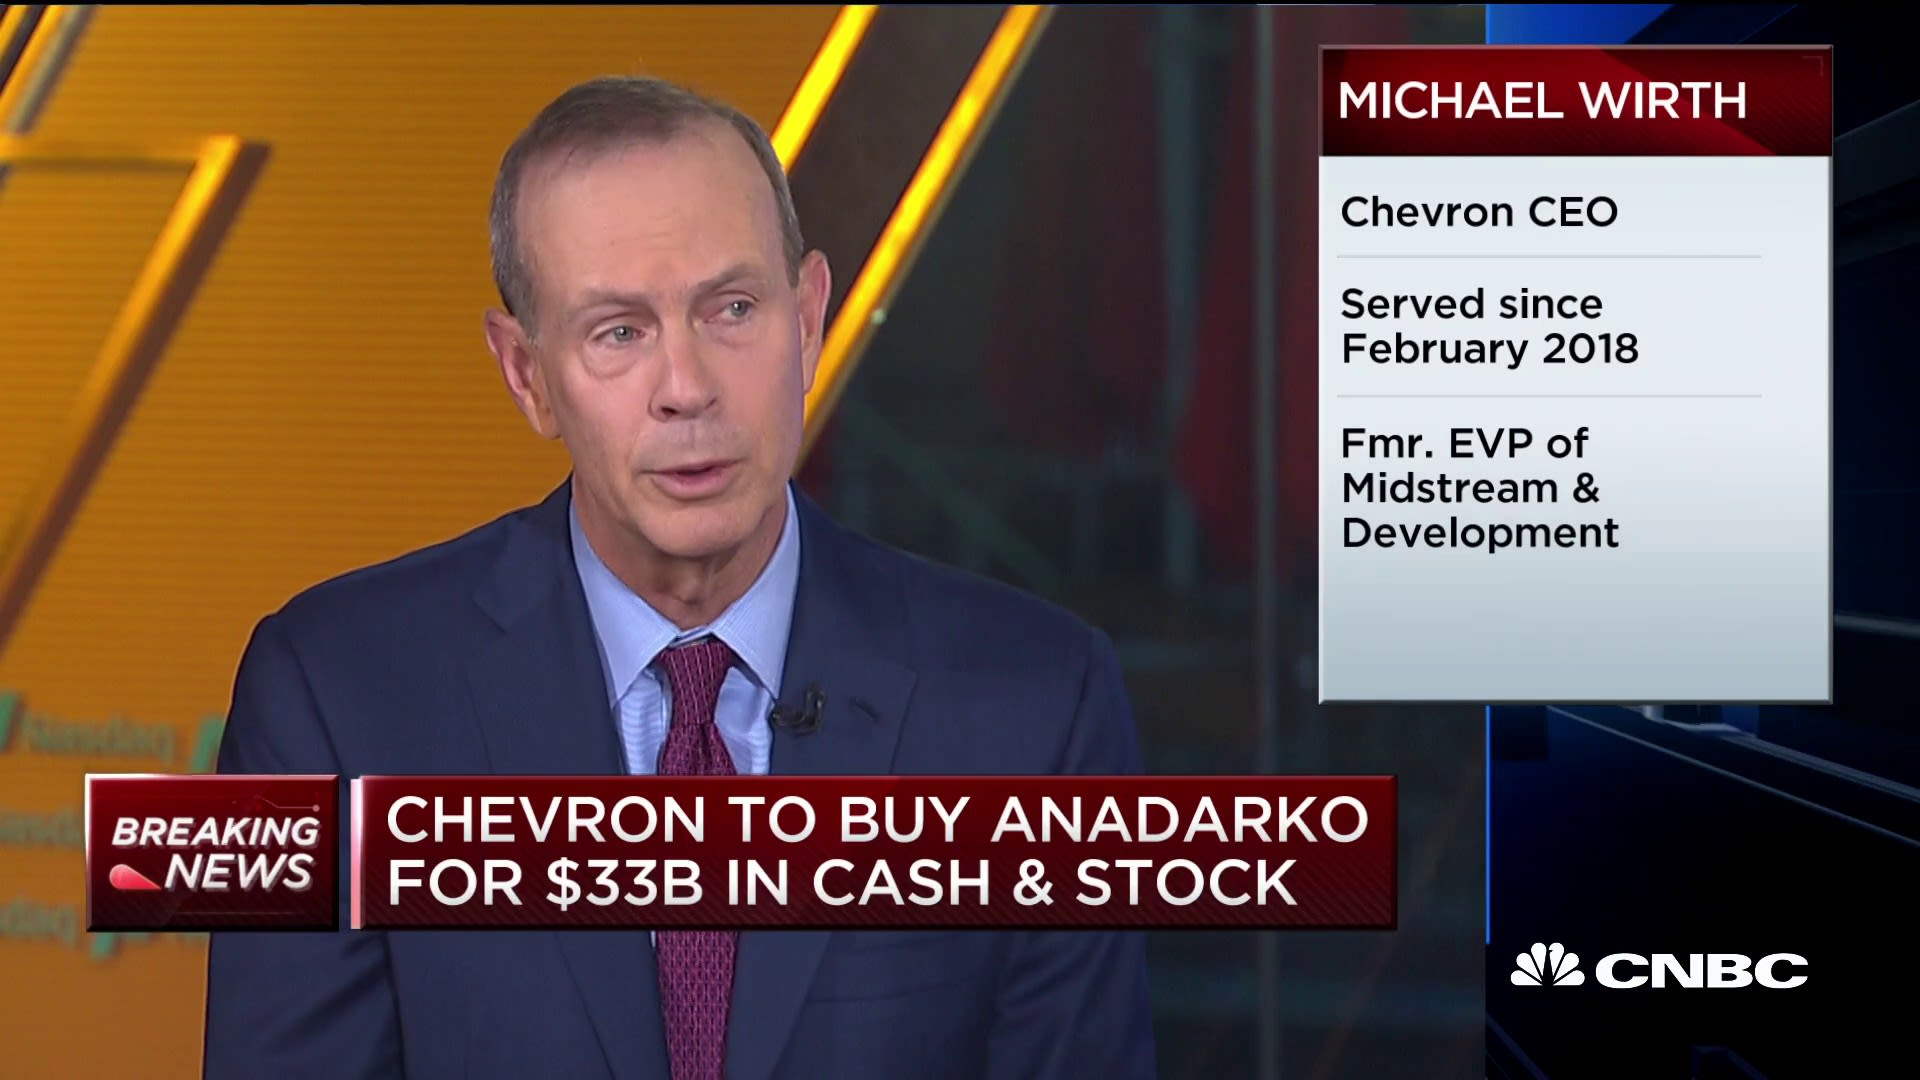 Chevron CEO Michael Wirth talks Anadarko Petroleum acquisition